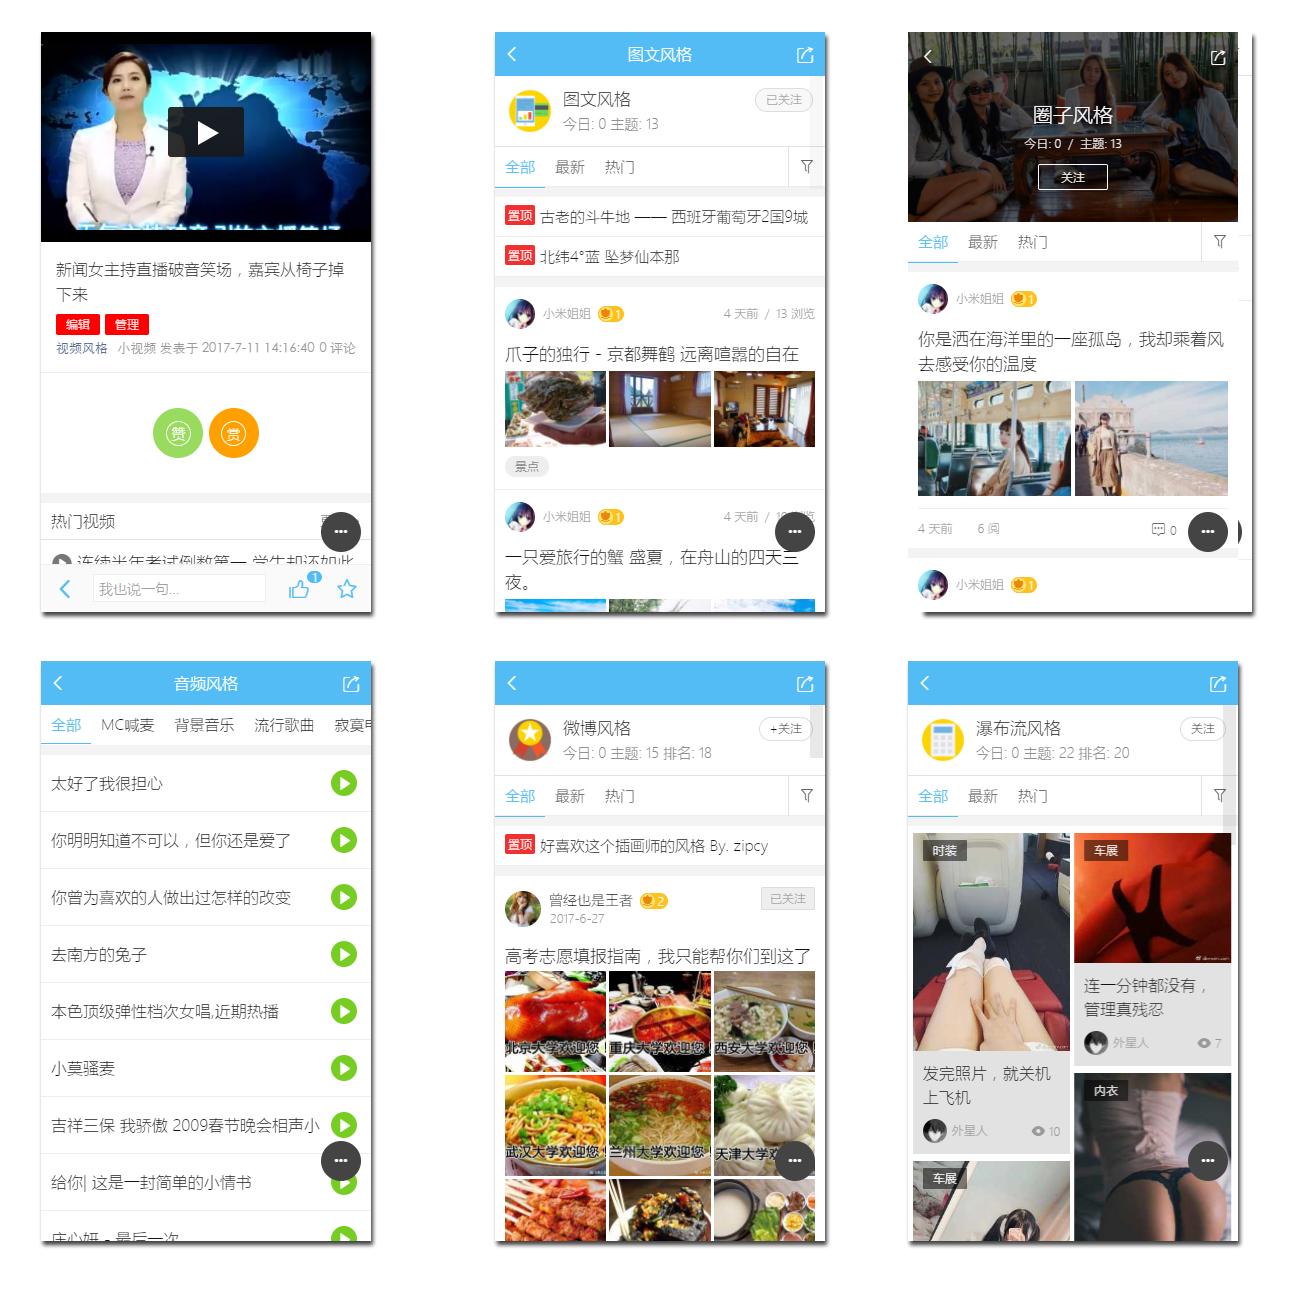 [AIUI]手机版 4.2.0 高级版完整 修复版8 摄趣网作者:喜缘数码 帖子ID:18319